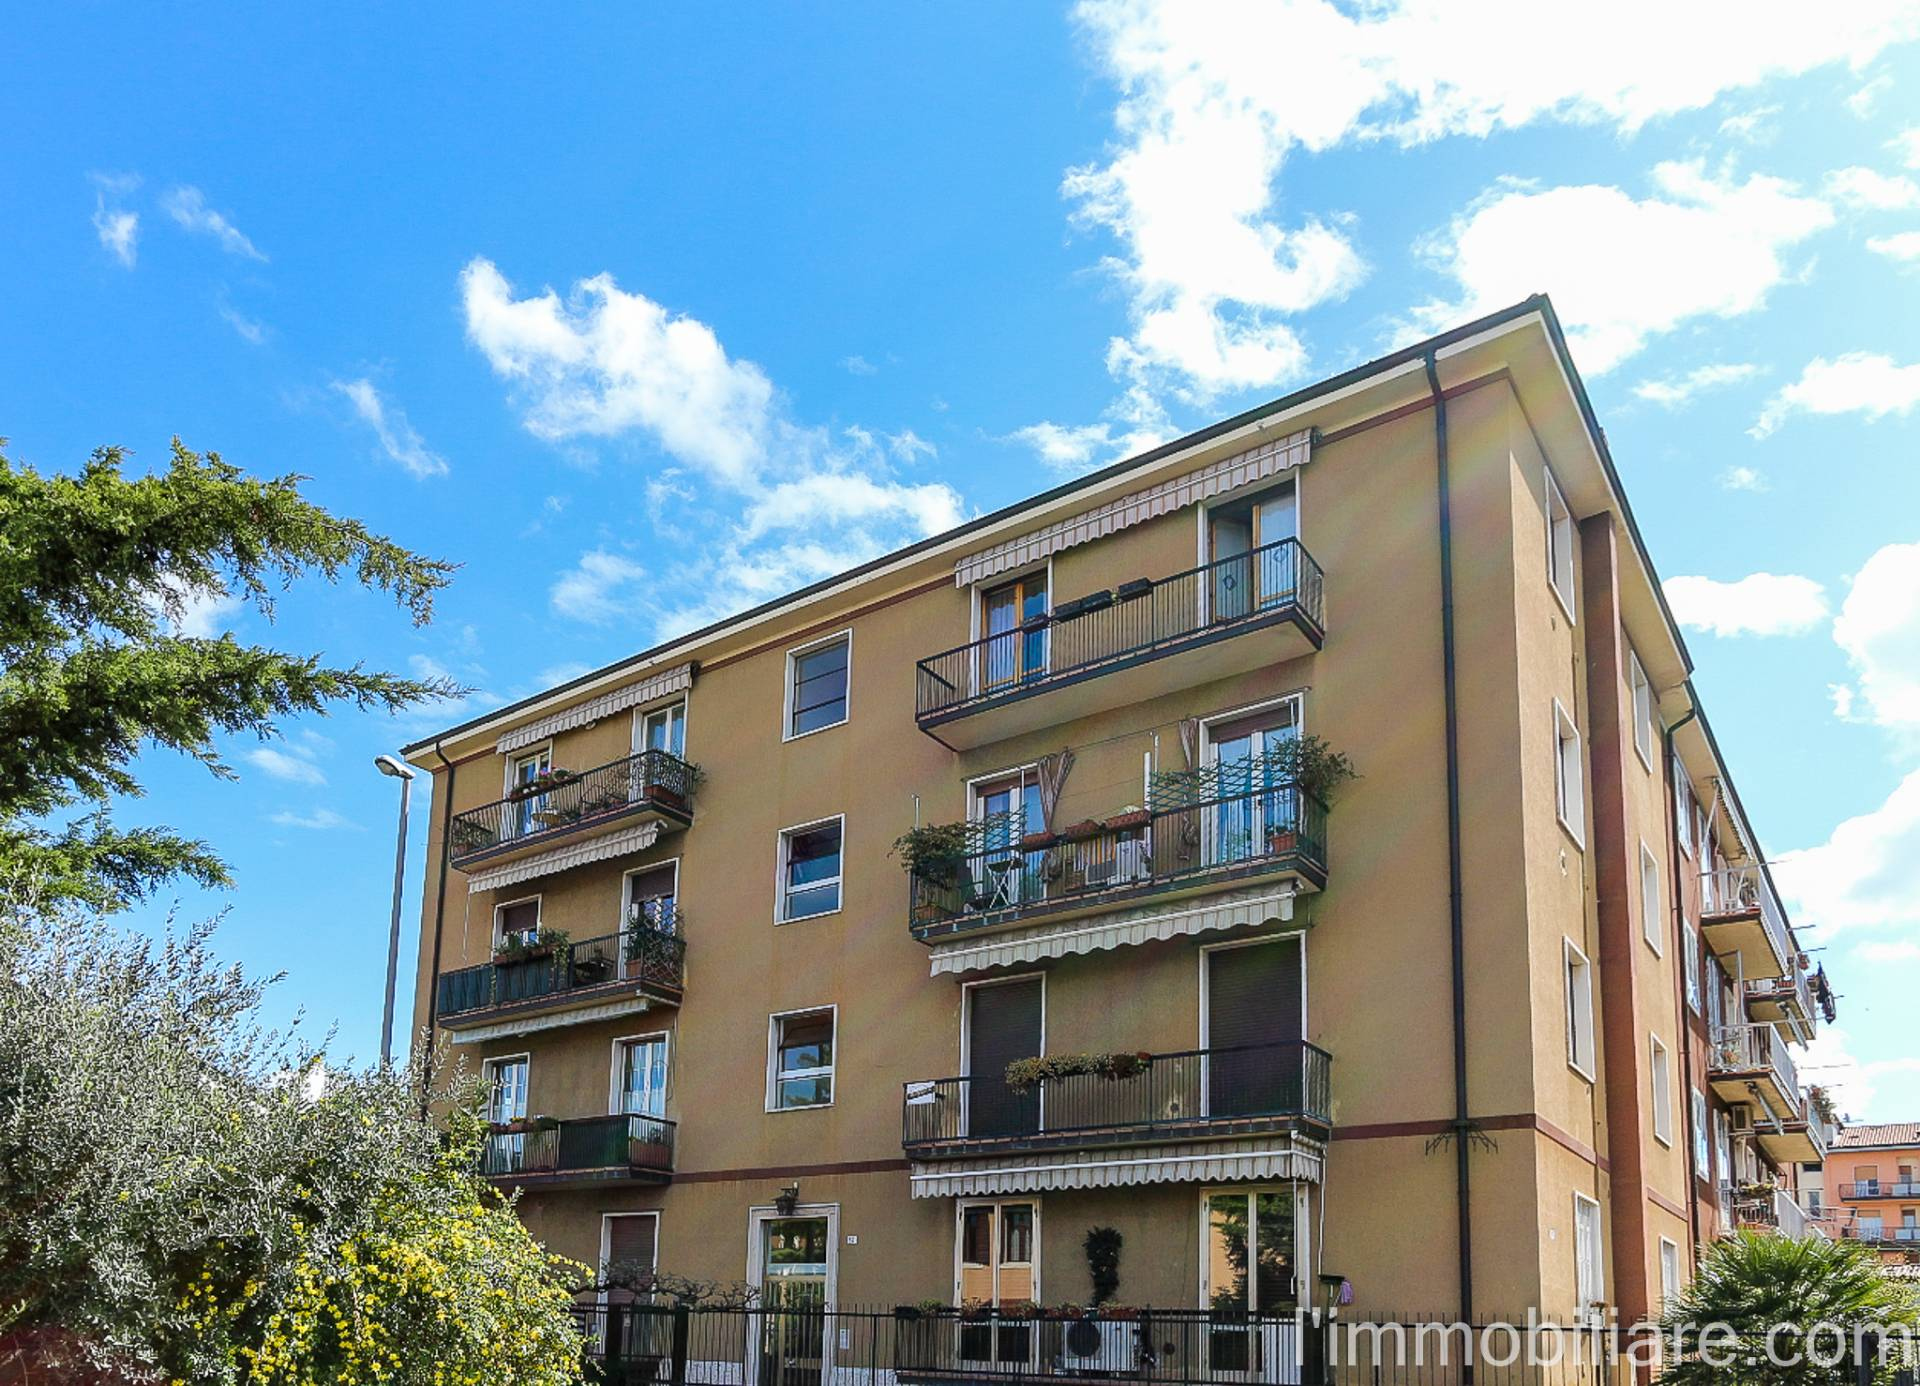 Appartamento in Vendita a Verona Semicentro Nord: 4 locali, 114 mq